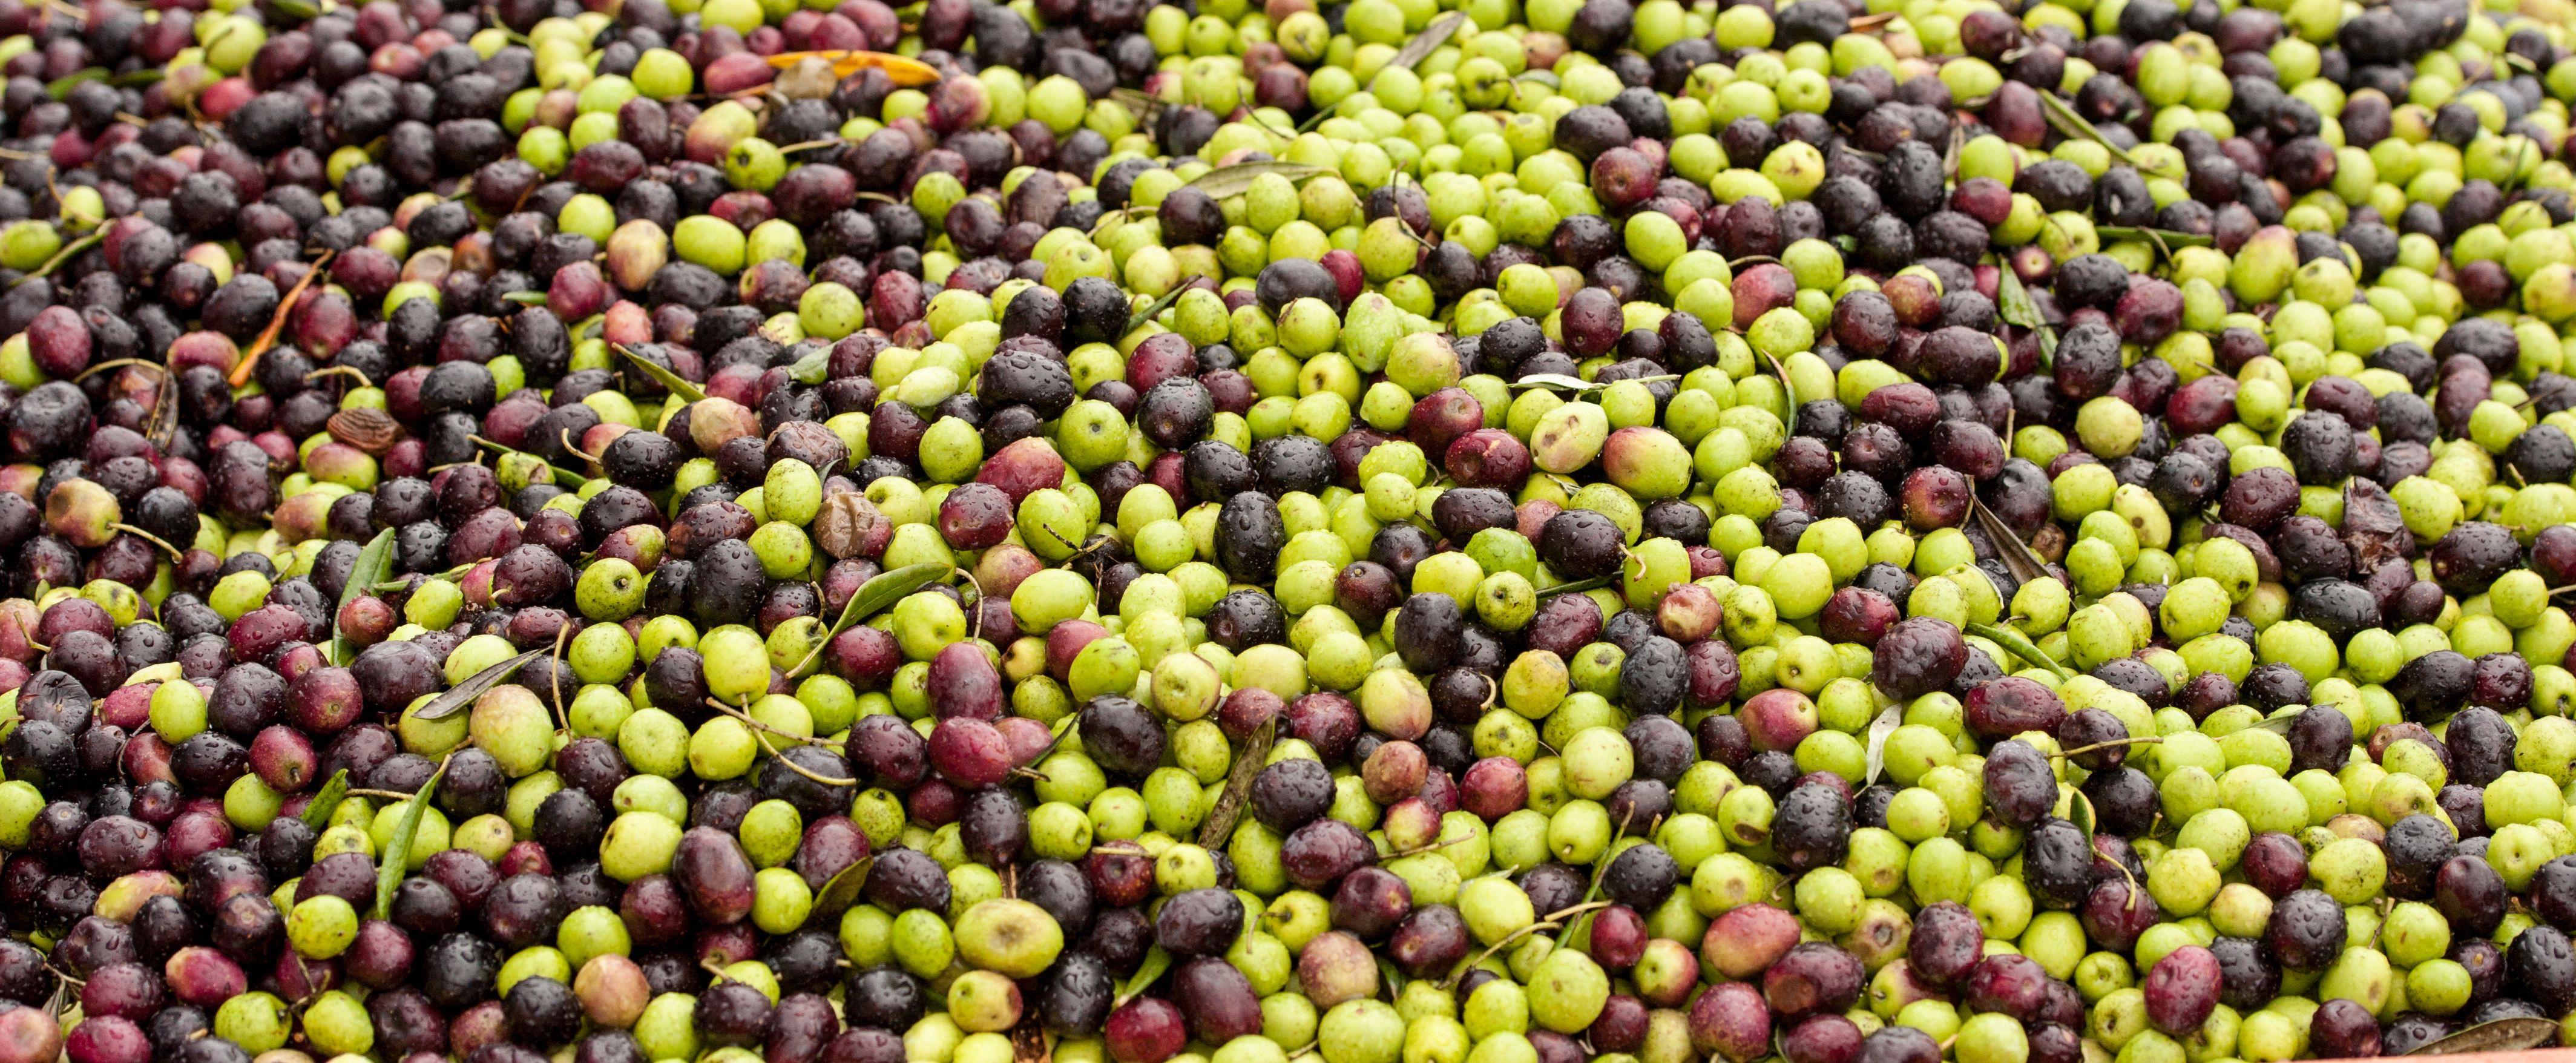 Productores de aceite en Jaén